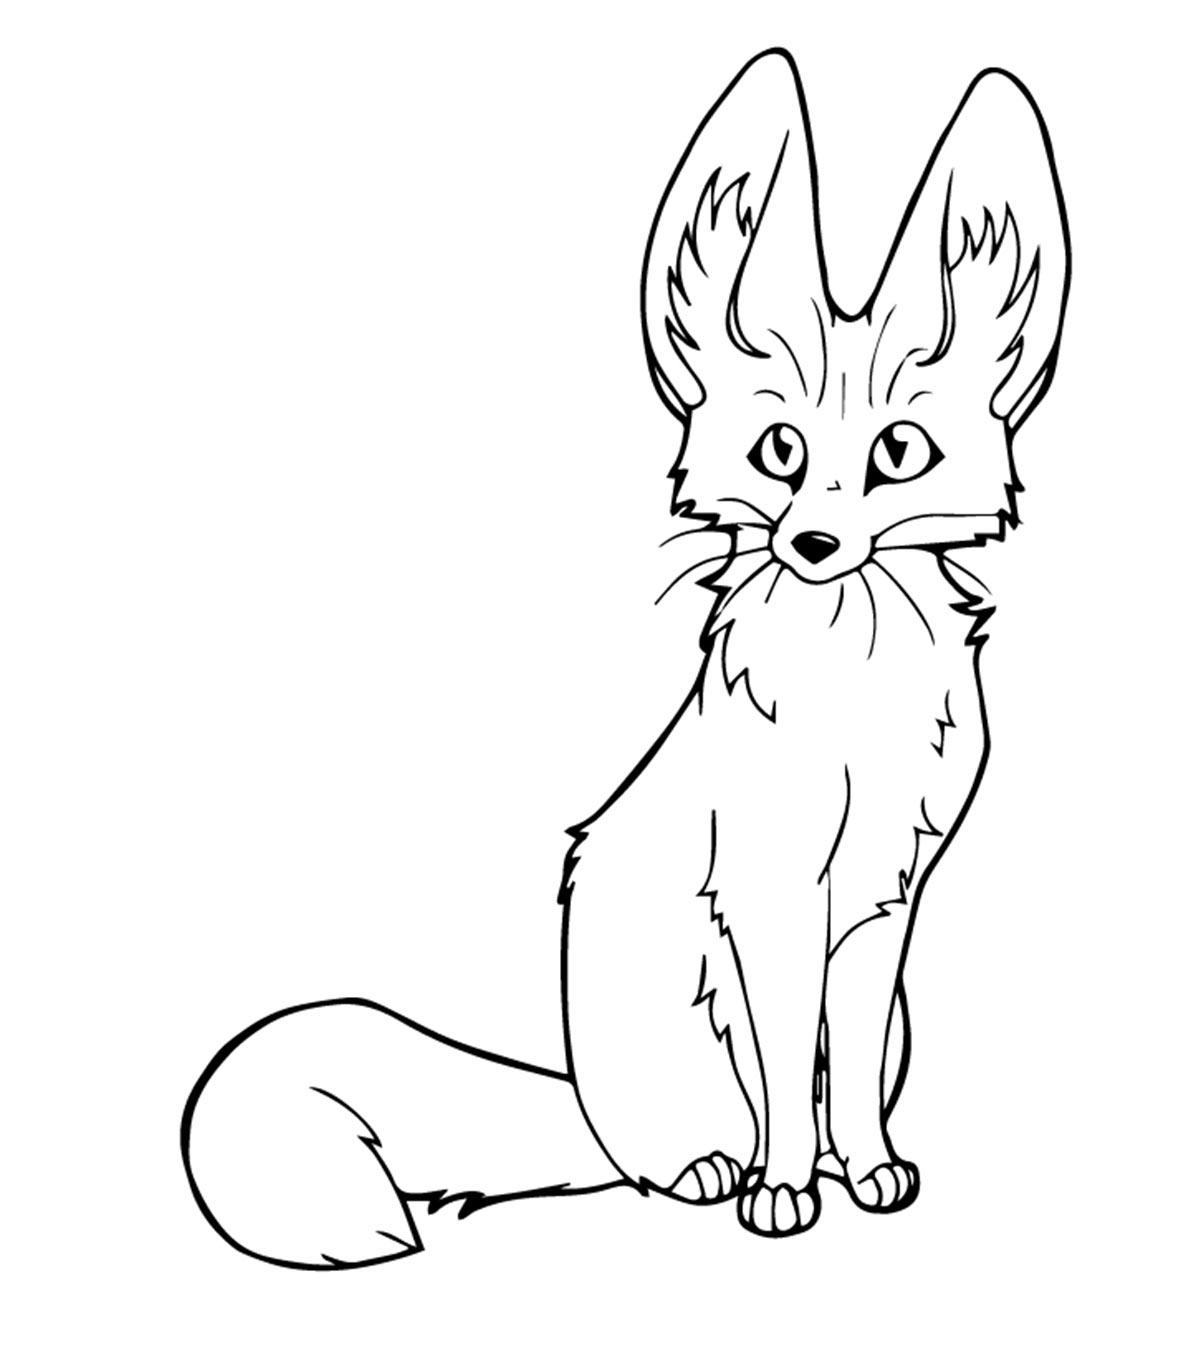 Tranh tô màu con cáo cute